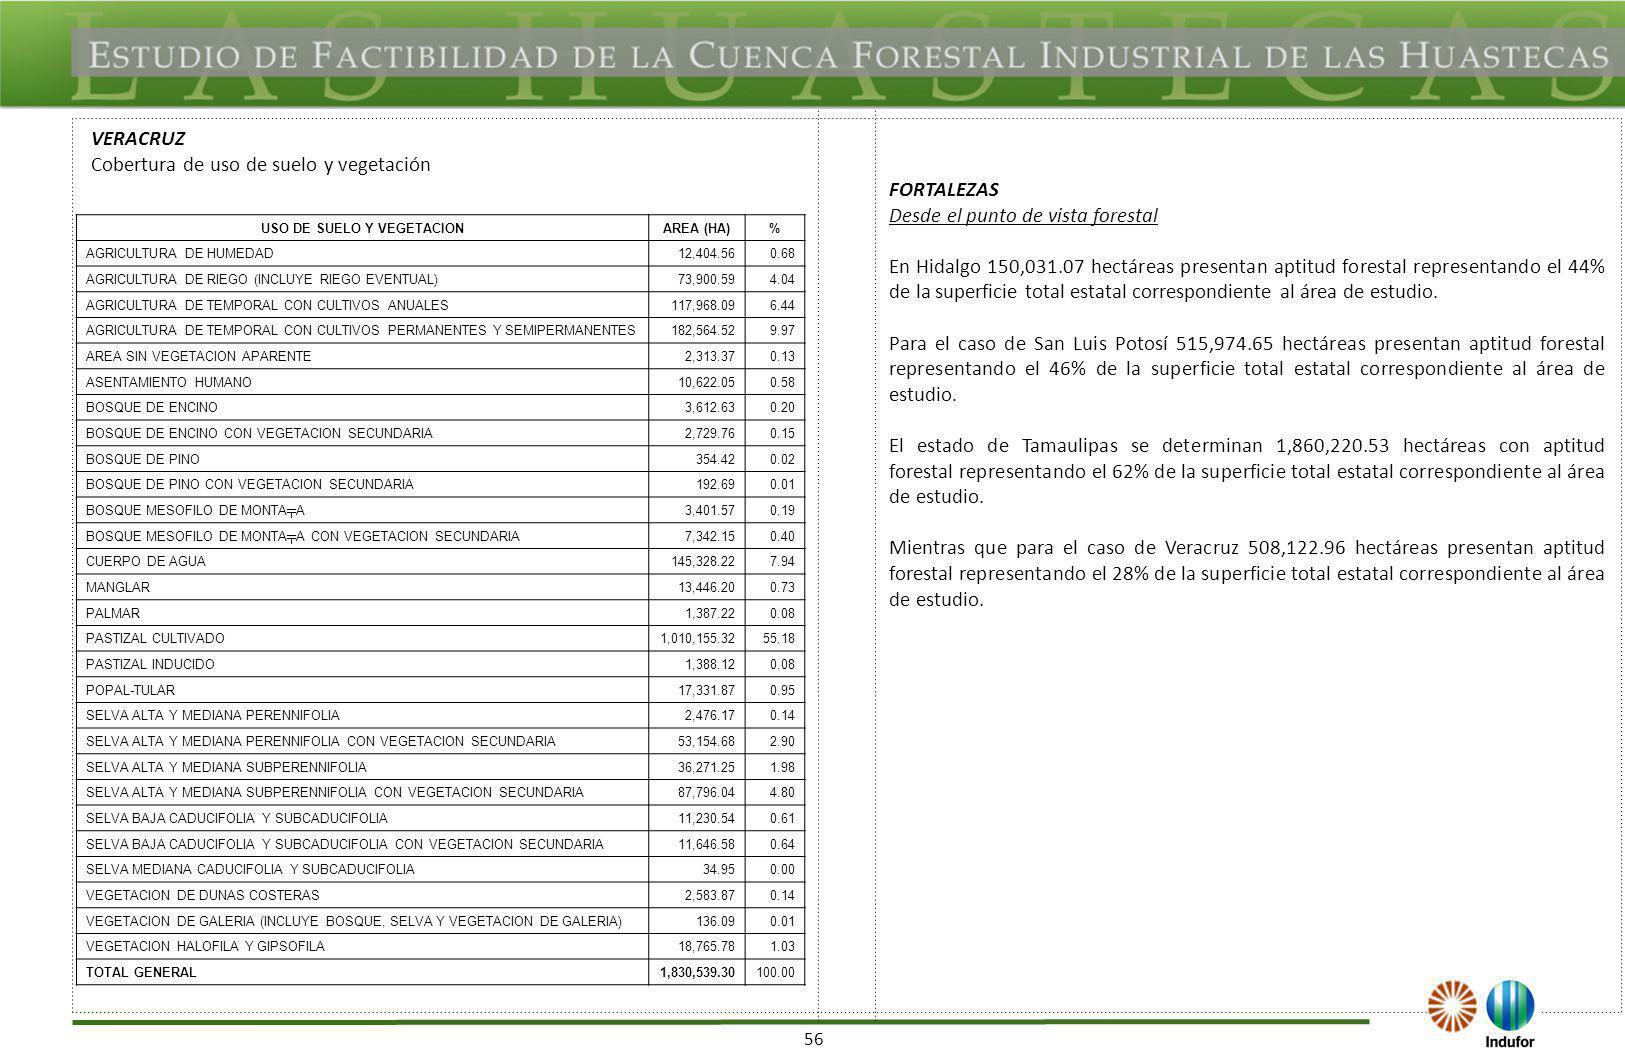 56 VERACRUZ Cobertura de uso de suelo y vegetación USO DE SUELO Y VEGETACIONAREA (HA)% AGRICULTURA DE HUMEDAD12,404.560.68 AGRICULTURA DE RIEGO (INCLU